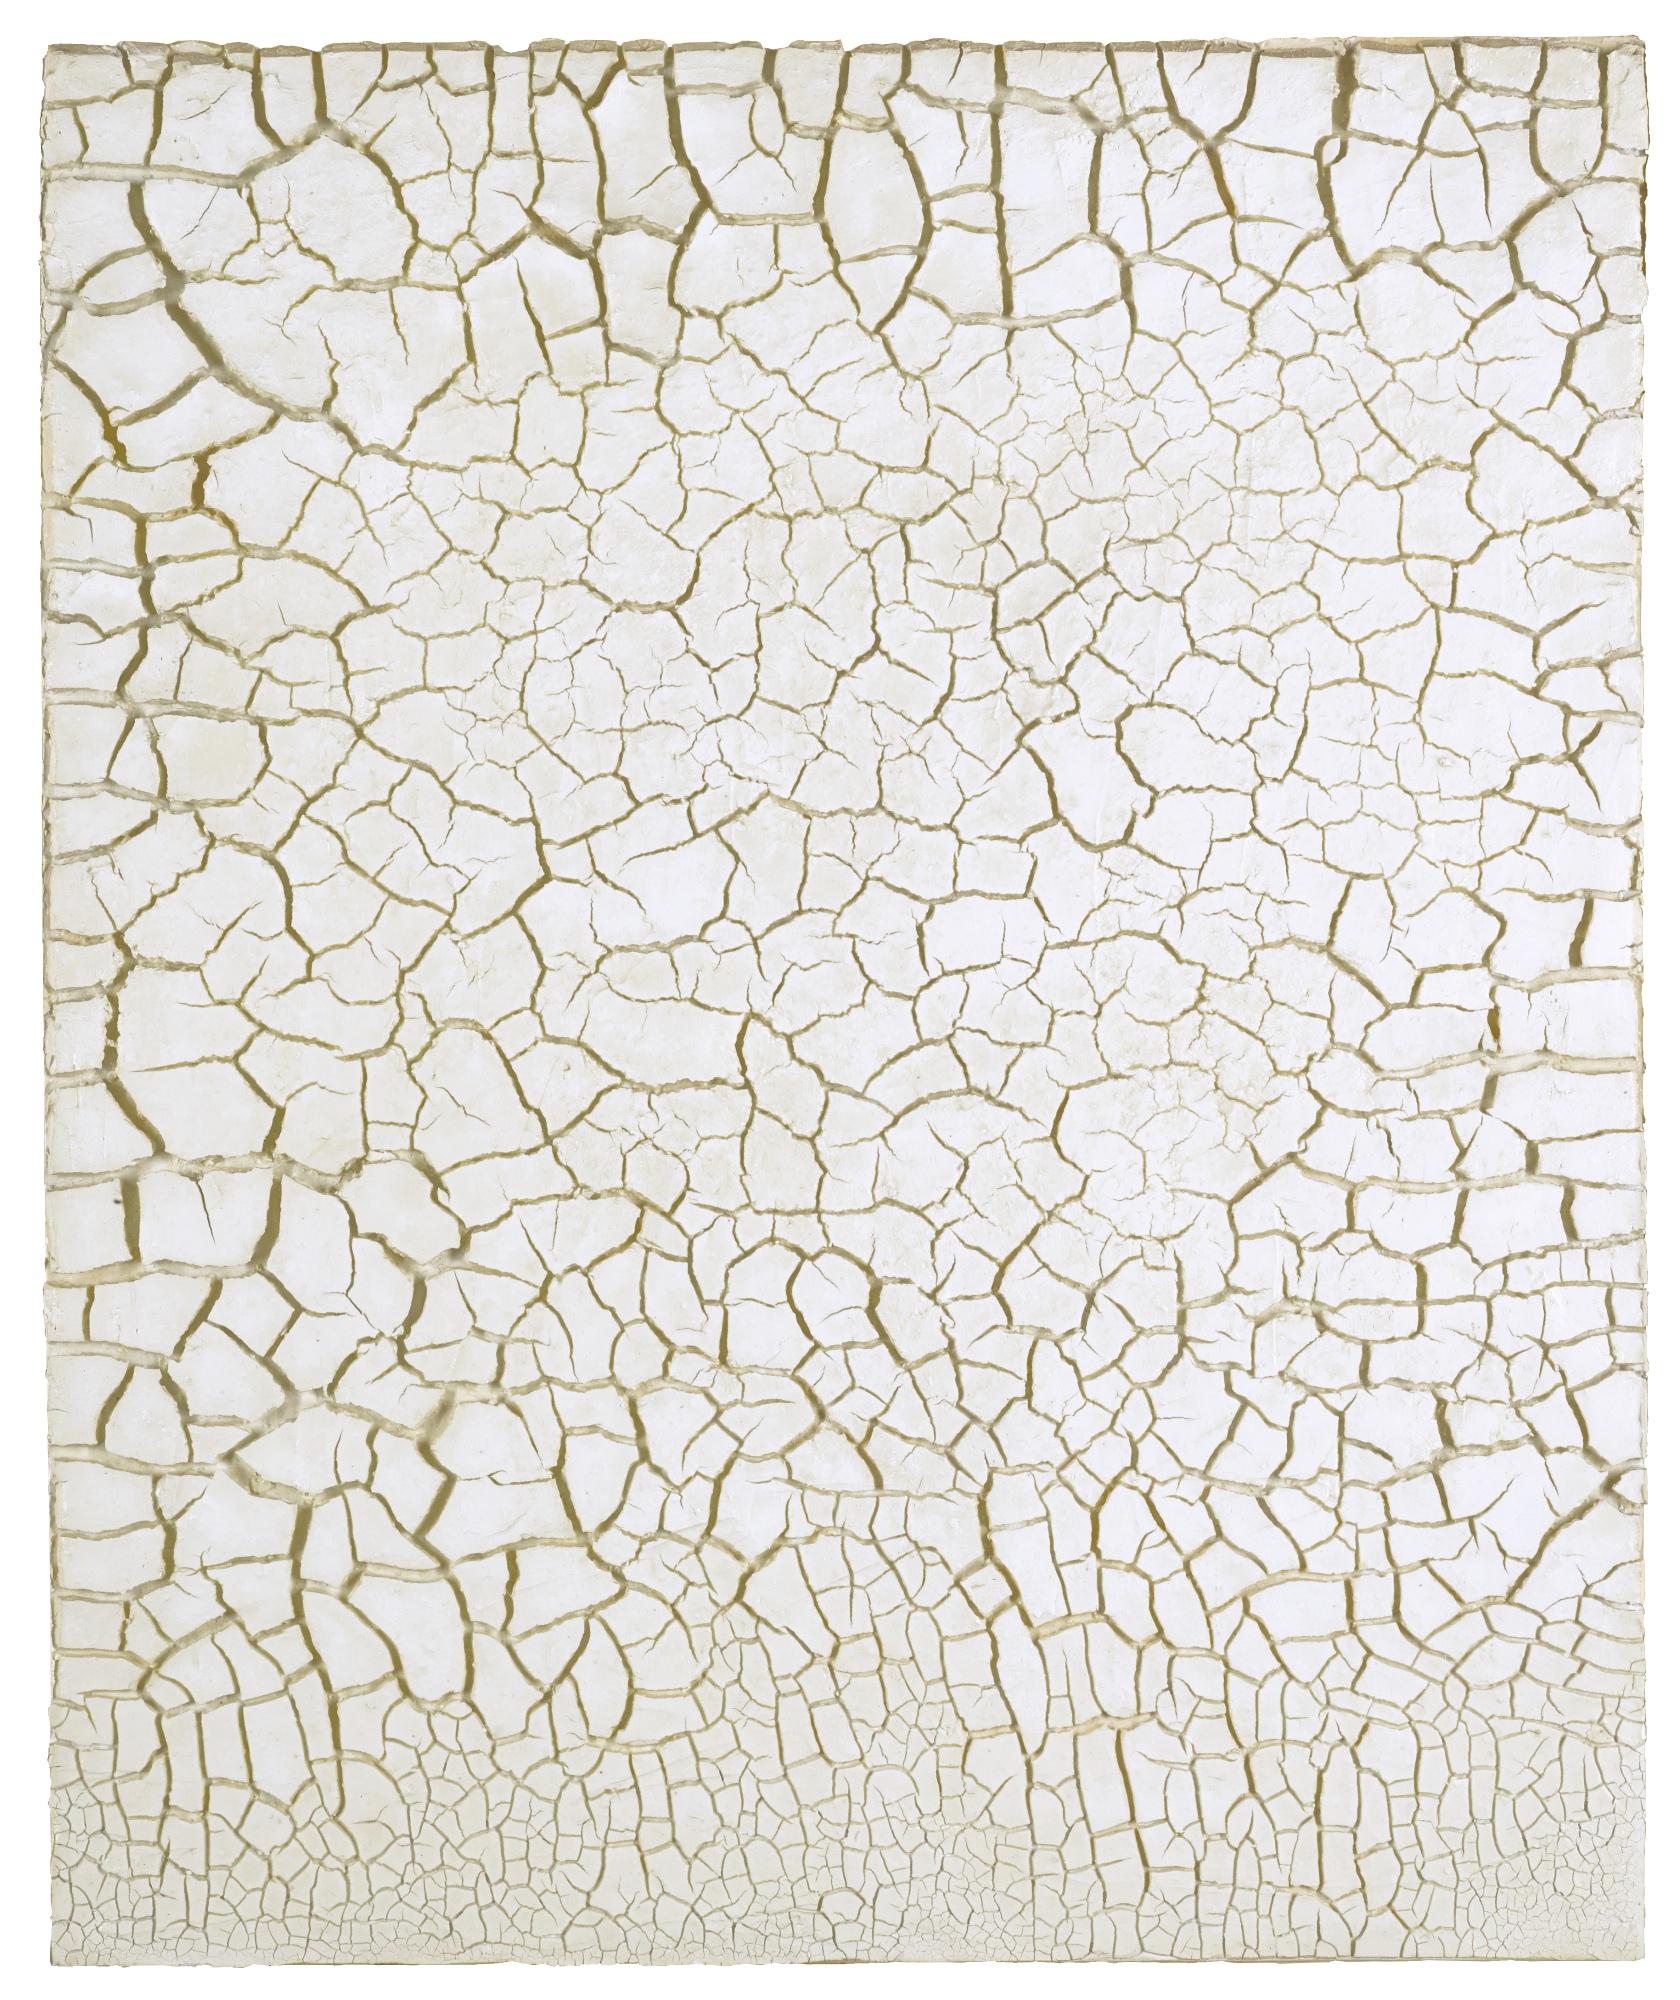 Alberto Burri-Bianco Cretto-1977